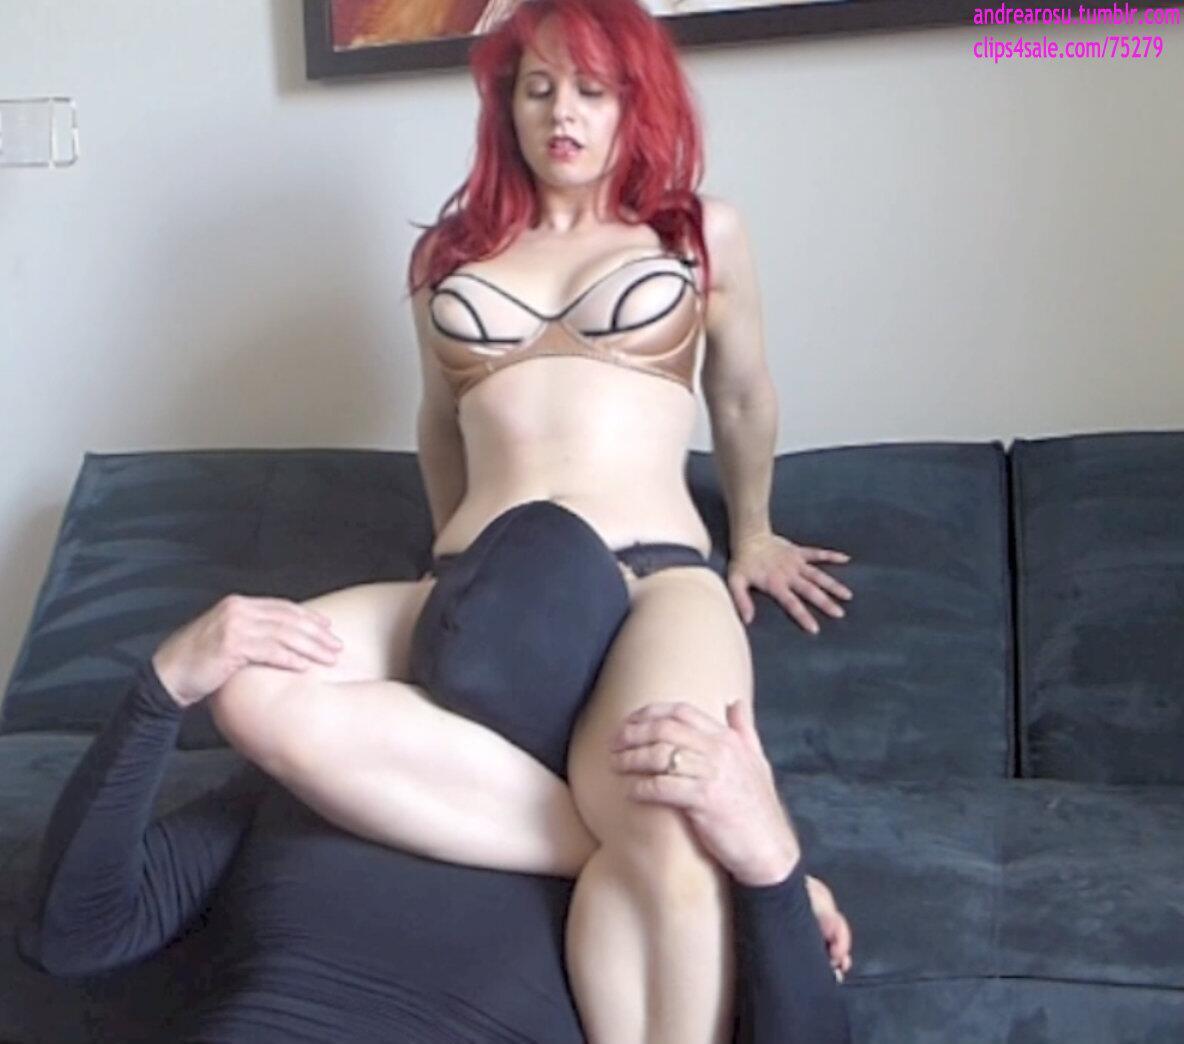 dansk escort svenska sexbilder